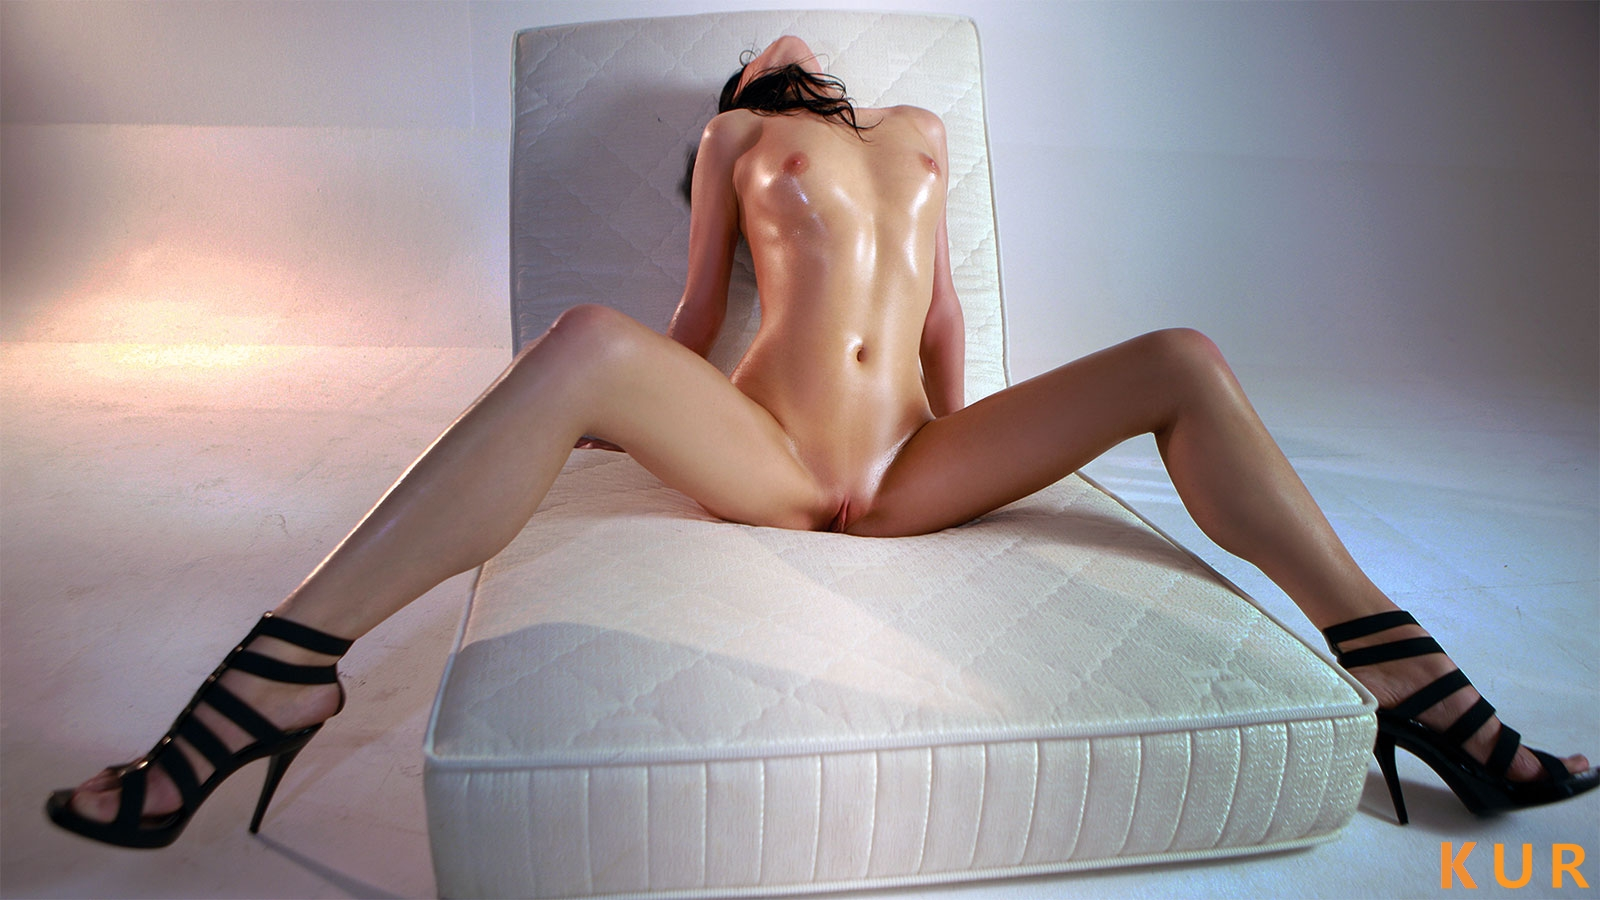 Poza Erotica #766 - Dimensiune completa